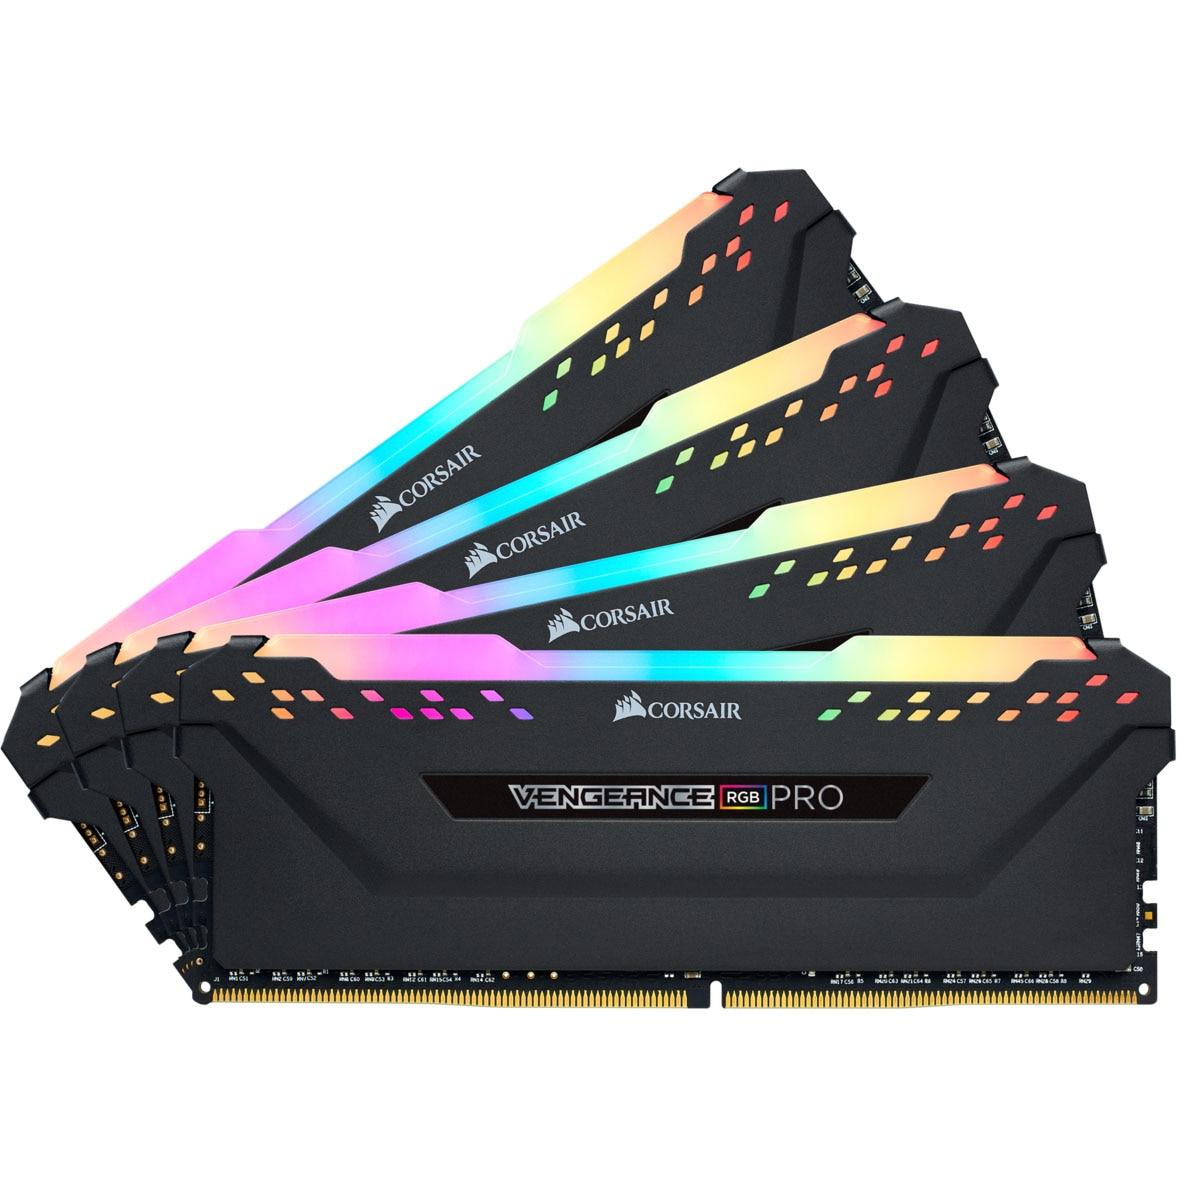 Fotografie Memorie Corsair Vengeance RGB PRO 64GB, DDR4, 3200MHz, CL16, Quad Channel Kit